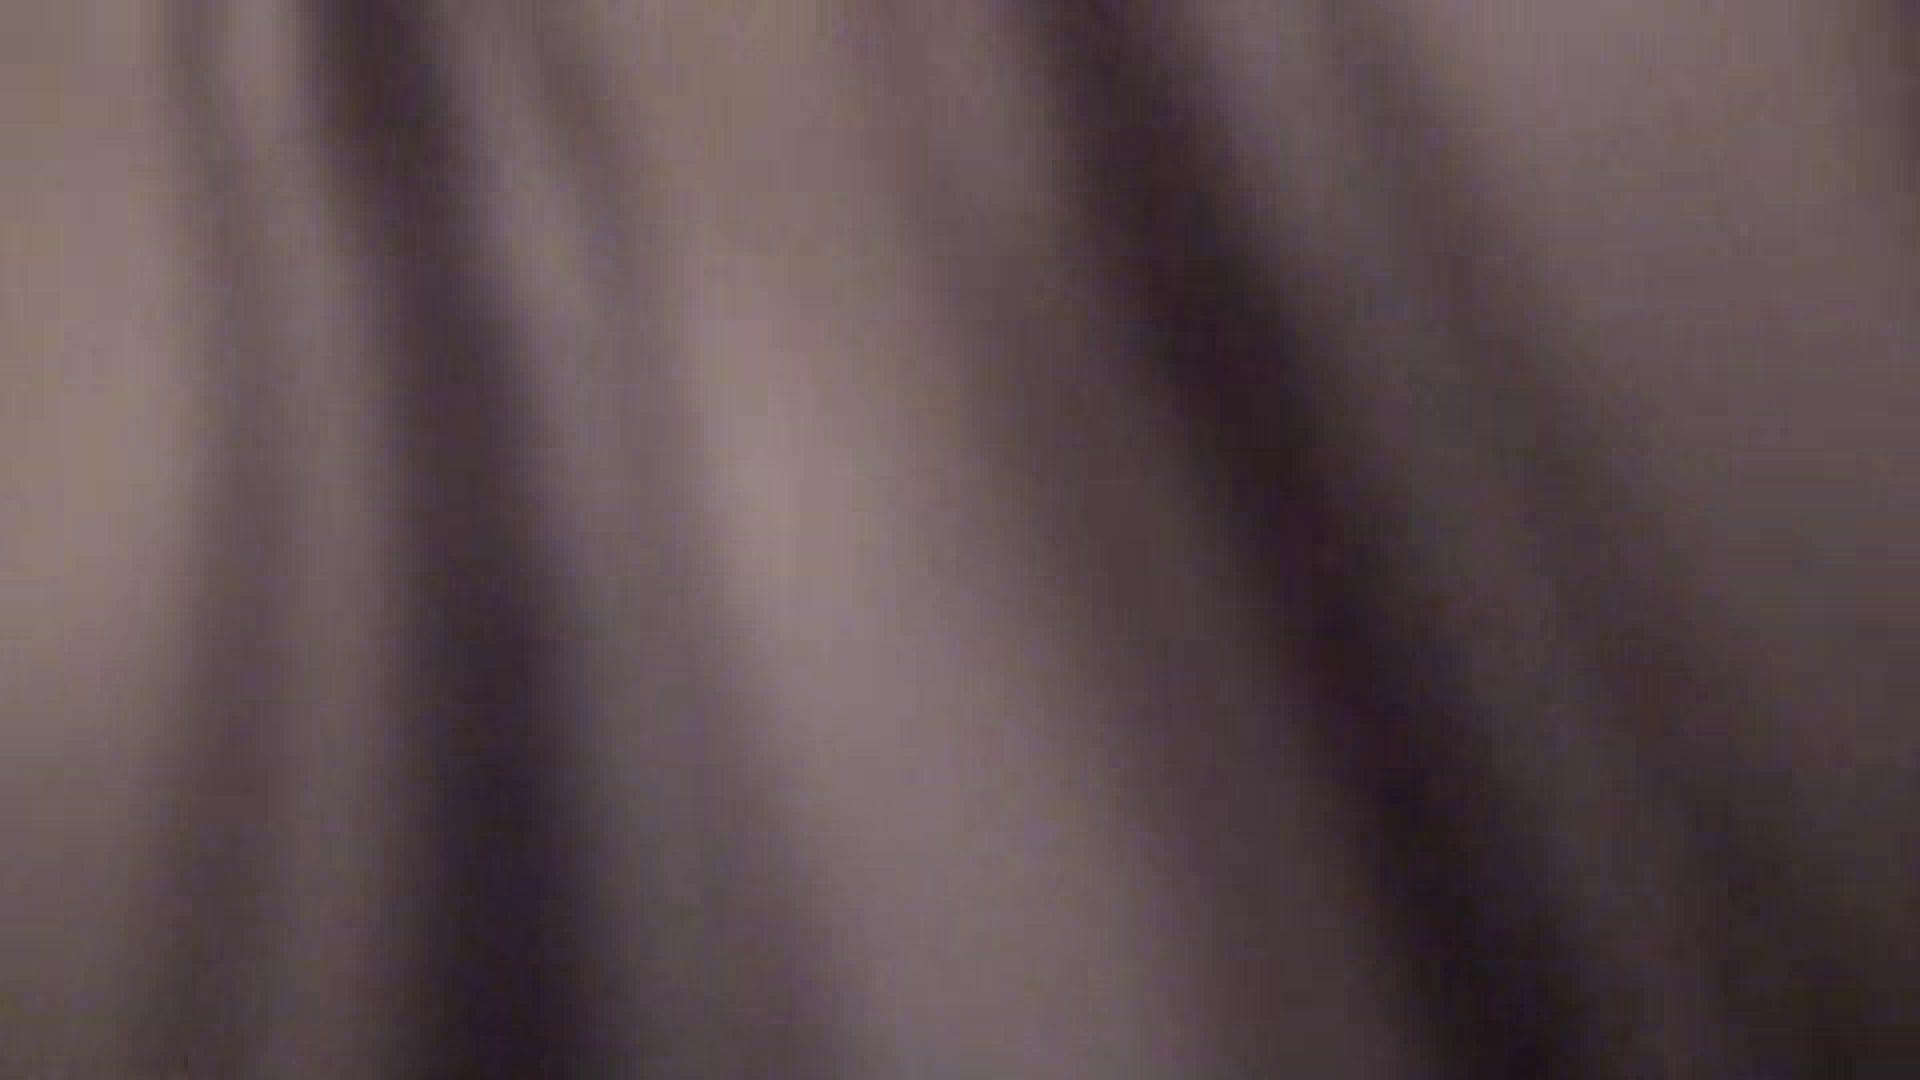 独占配信! ●罪証拠DVD 起きません! vol.13 悪戯   OLのエロ生活  49連発 45